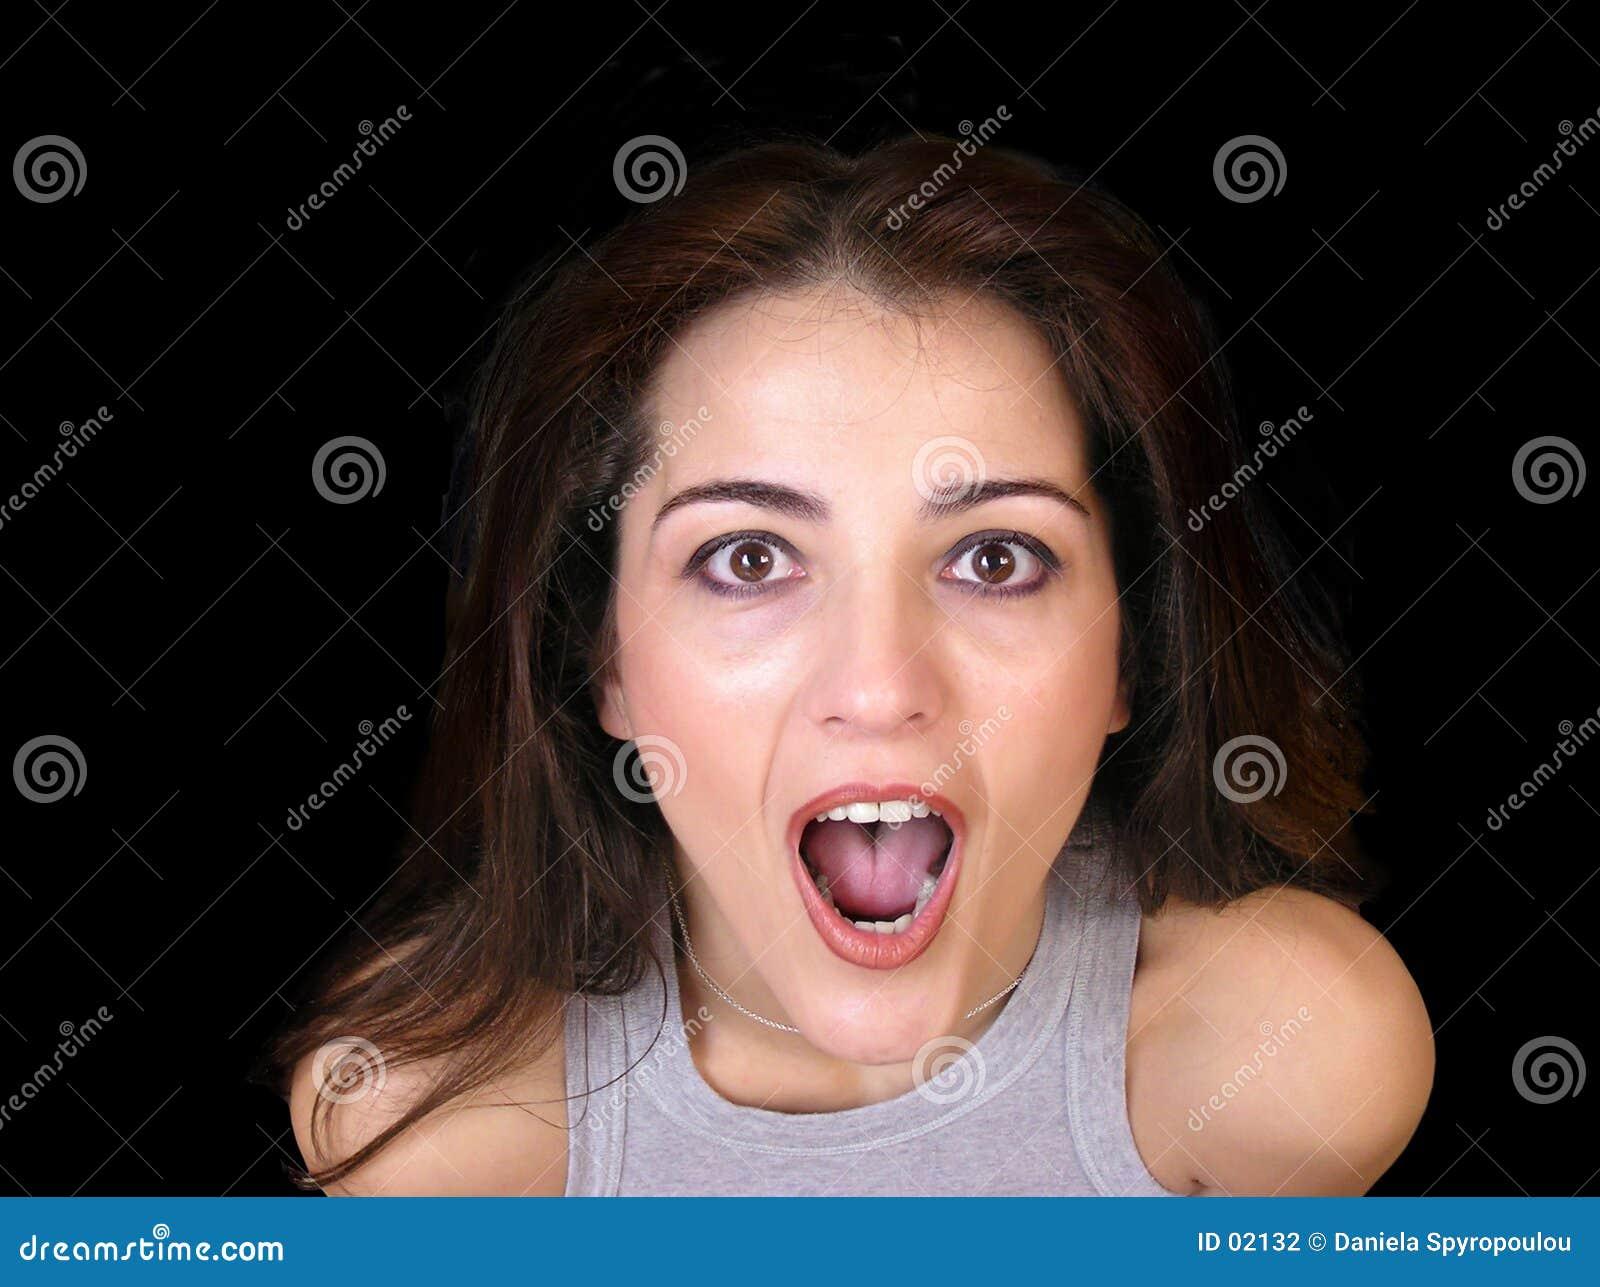 Download Mujer emocionada foto de archivo. Imagen de cara, feliz, ululación - 2132